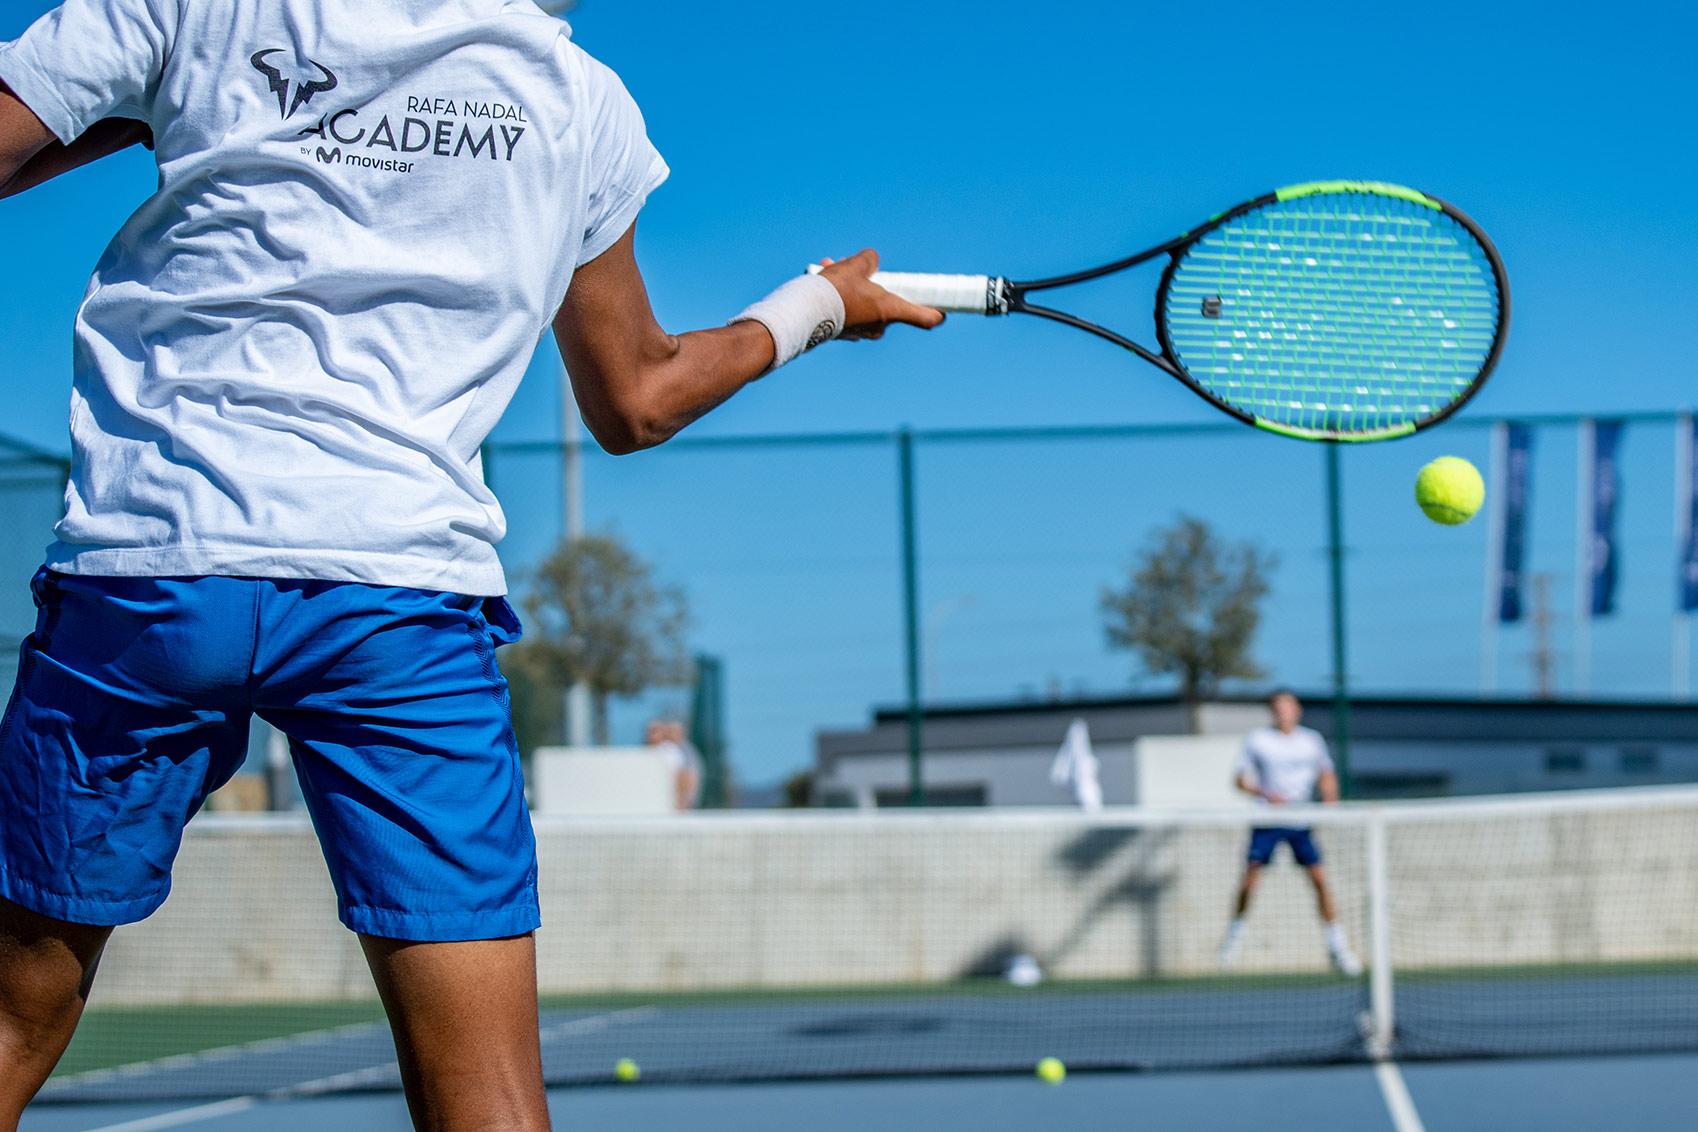 Suplementación deportiva, ¿cuándo es realmente necesaria?